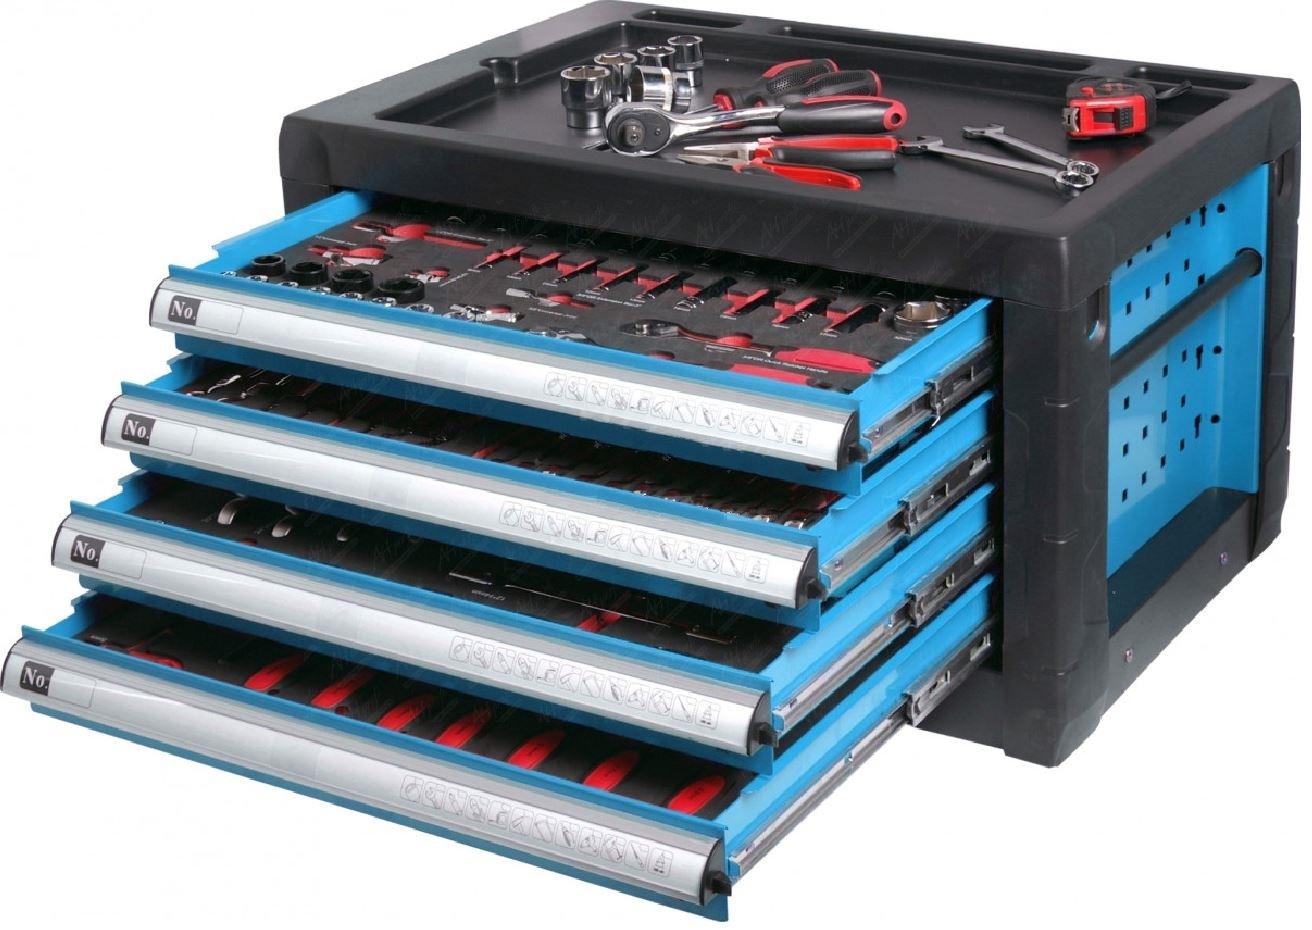 Přenosná skříňka na nářadí 690 x 460 x 405 mm,  4 zásuvky, nevybavená